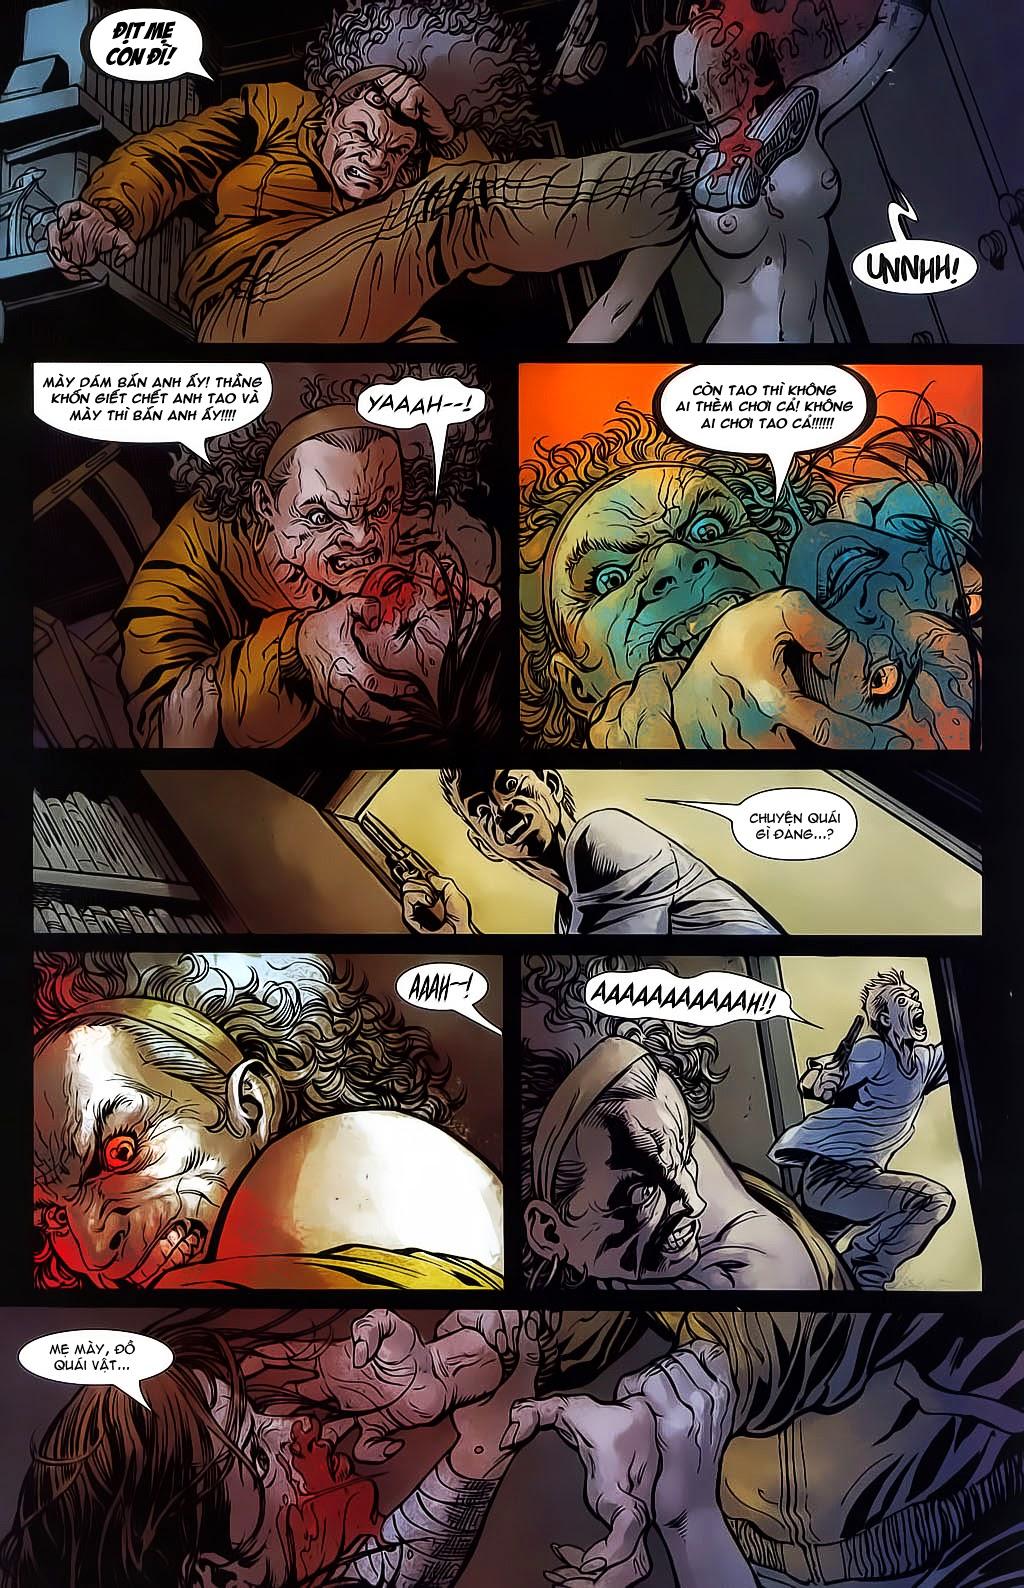 The Punisher: Trên là Dưới & Trắng là Đen chap 6 - Trang 6